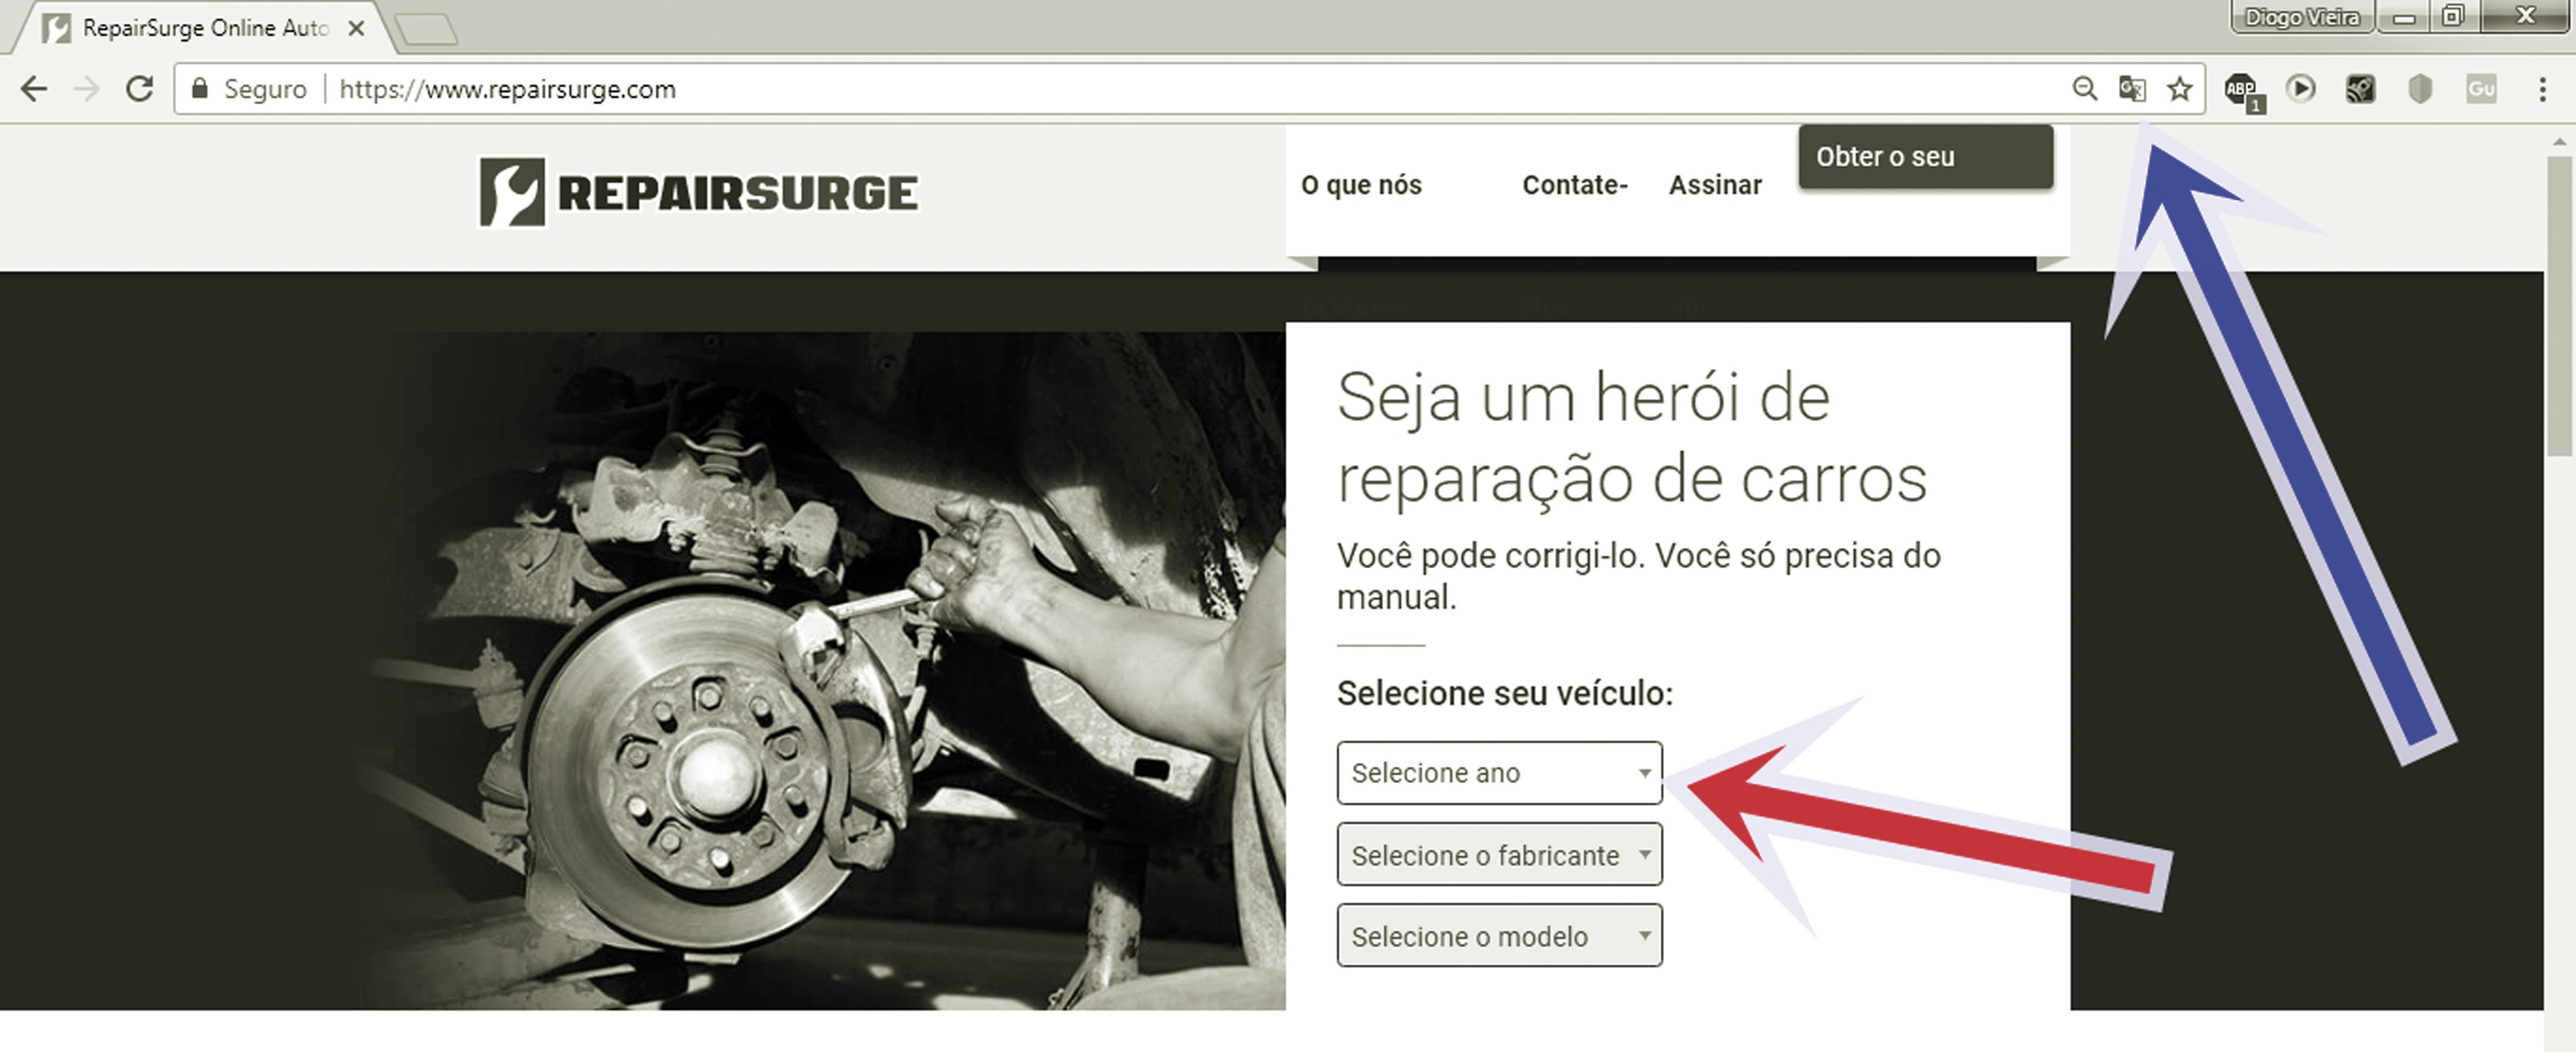 Figura 1- Página inicial do REPAIRSURGE aberta no navegador Google Chrome.  Tradução de inglês-português em um clique